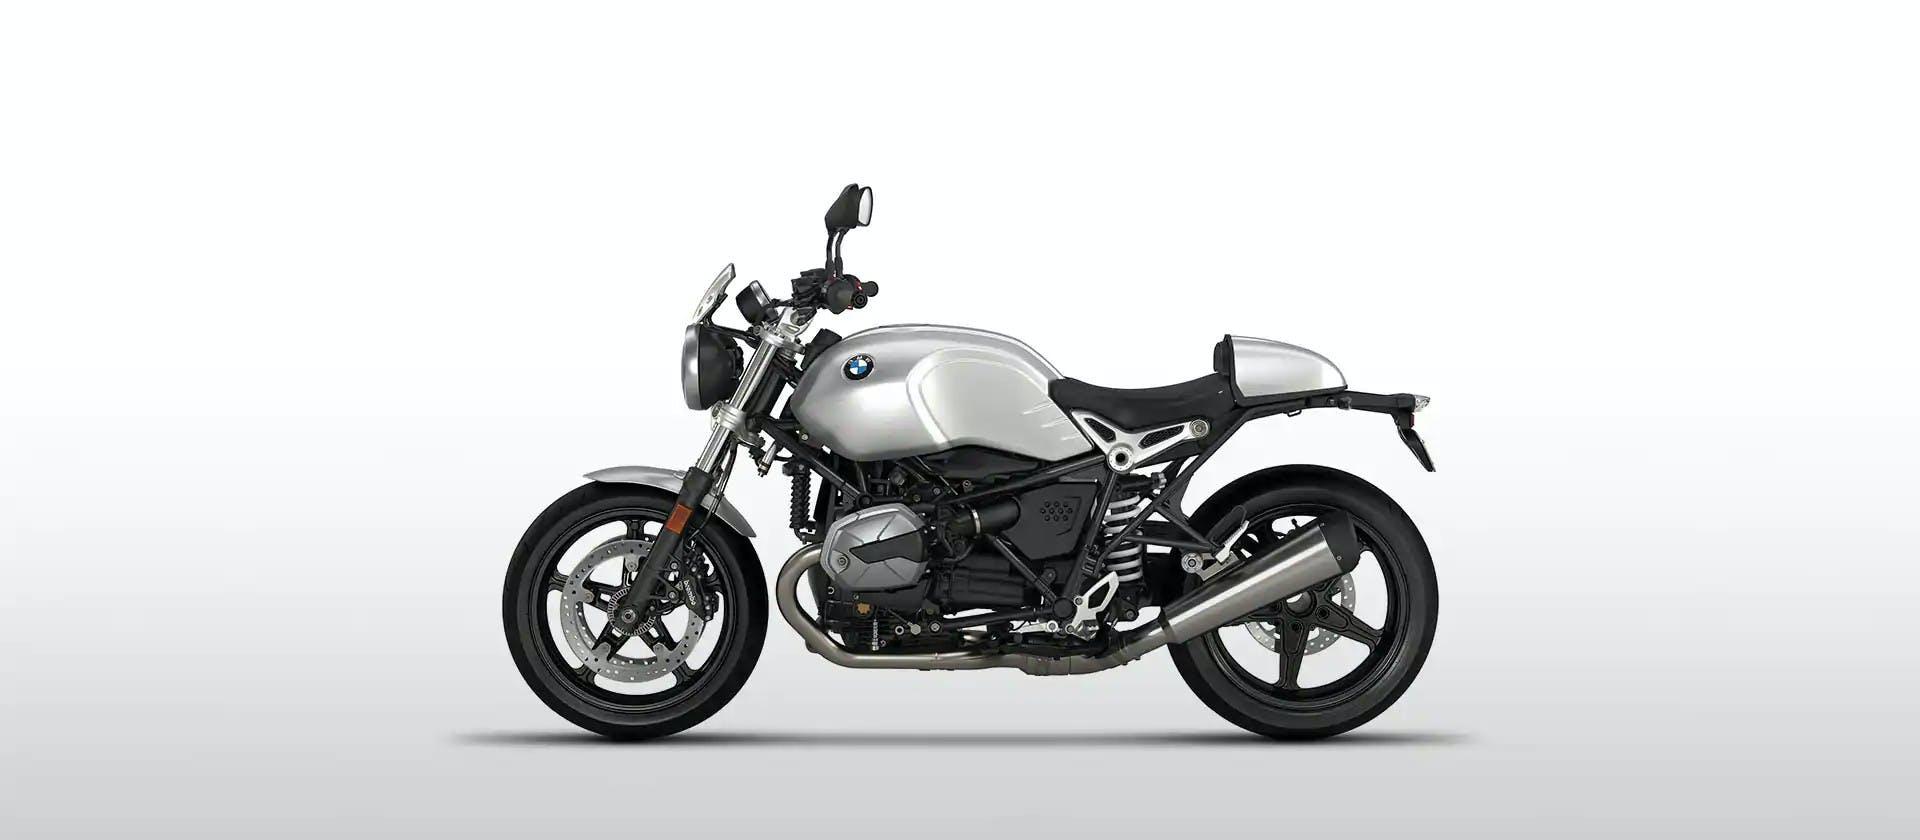 BMW R nineT Pure in Option 719 Aluminium colour